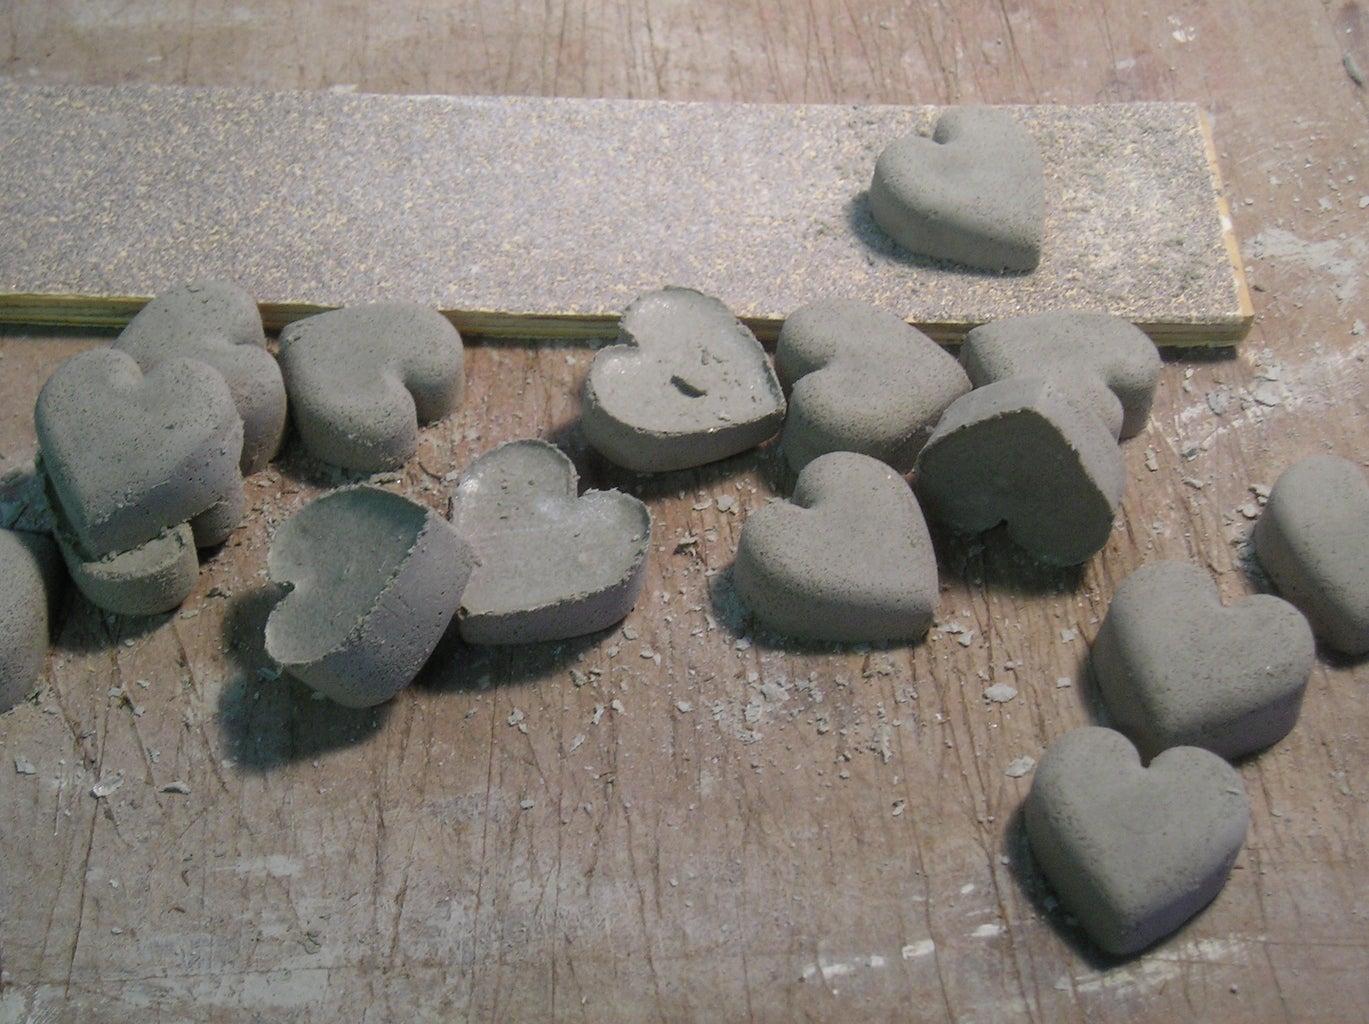 De-Mold Your Hearts